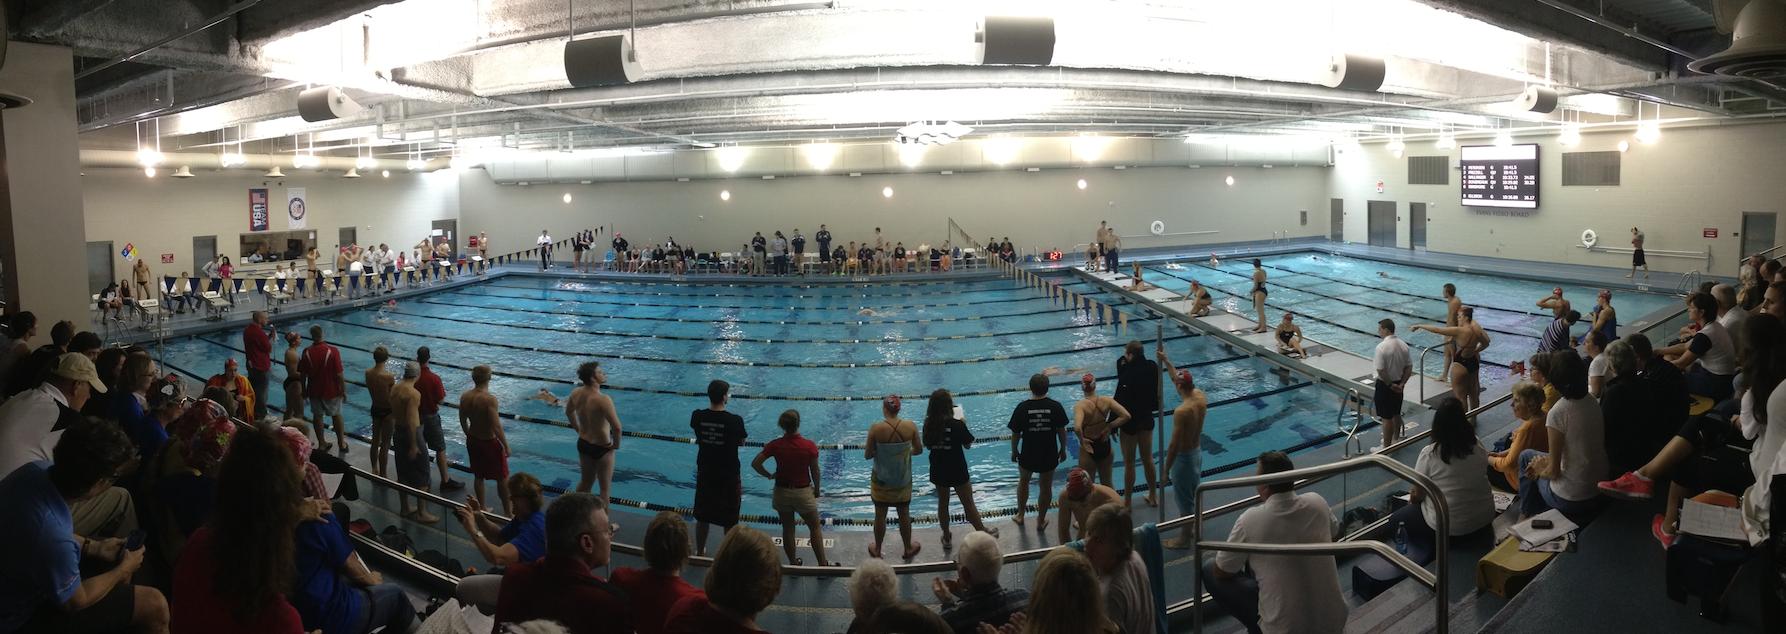 Queens university natatorium, Queens aquatic center, Queens pool, stretch 33, 33 stretch pool, stretch 33 pool, stretch 25, natatorium, indoor pool